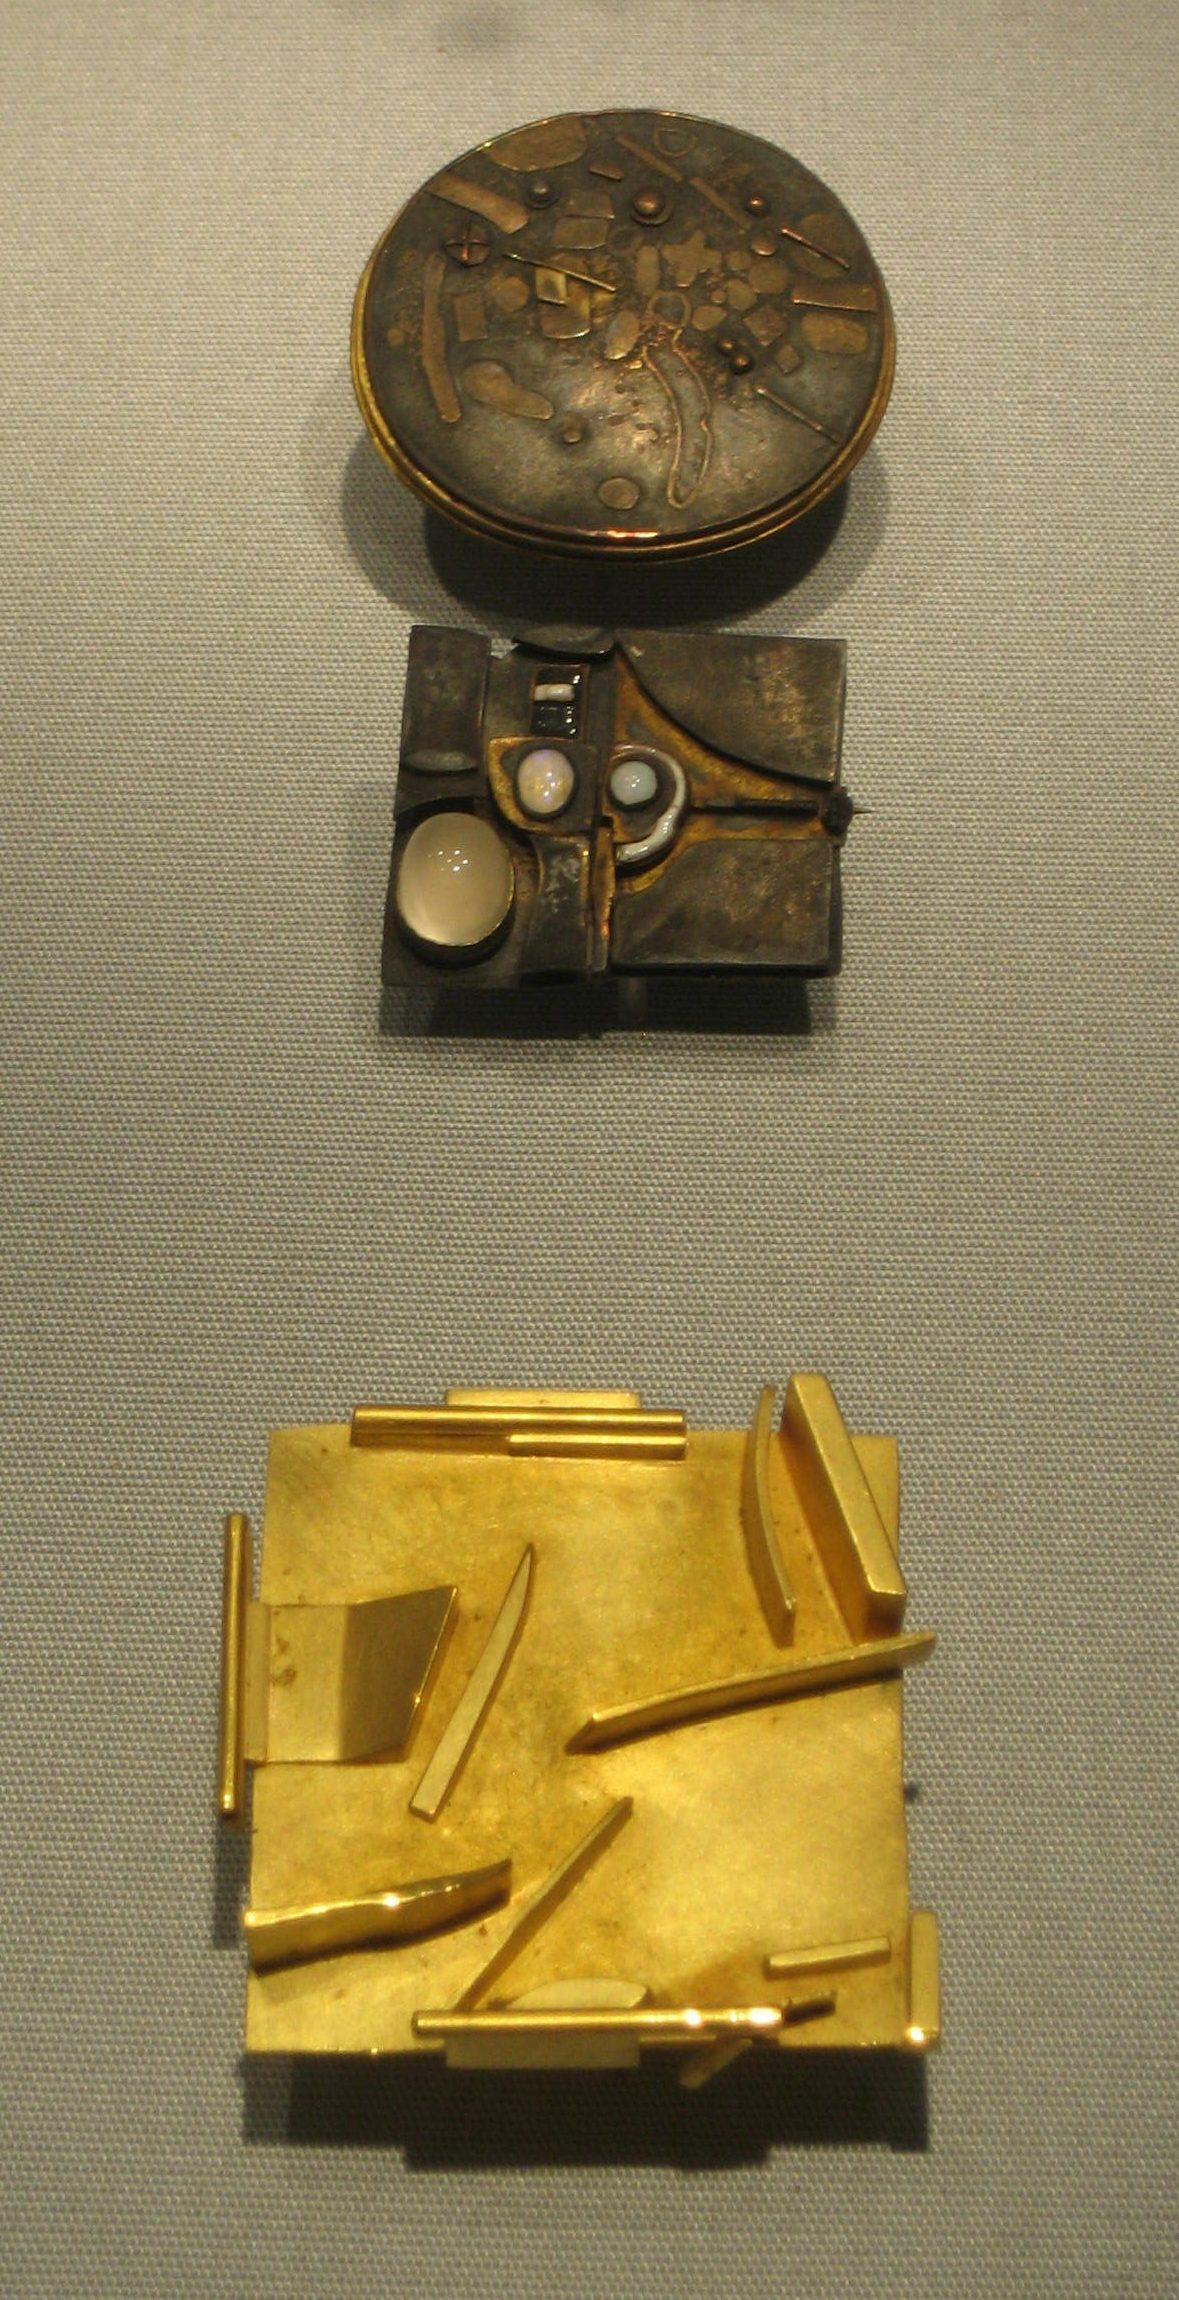 Hermann Jünger, broche, 1977, broche, 1968, broche. Schmuckmuseum Pforzheim. Foto Esther Doornbusch, mei 2019, goud, zilver, opaal, email, maansteen